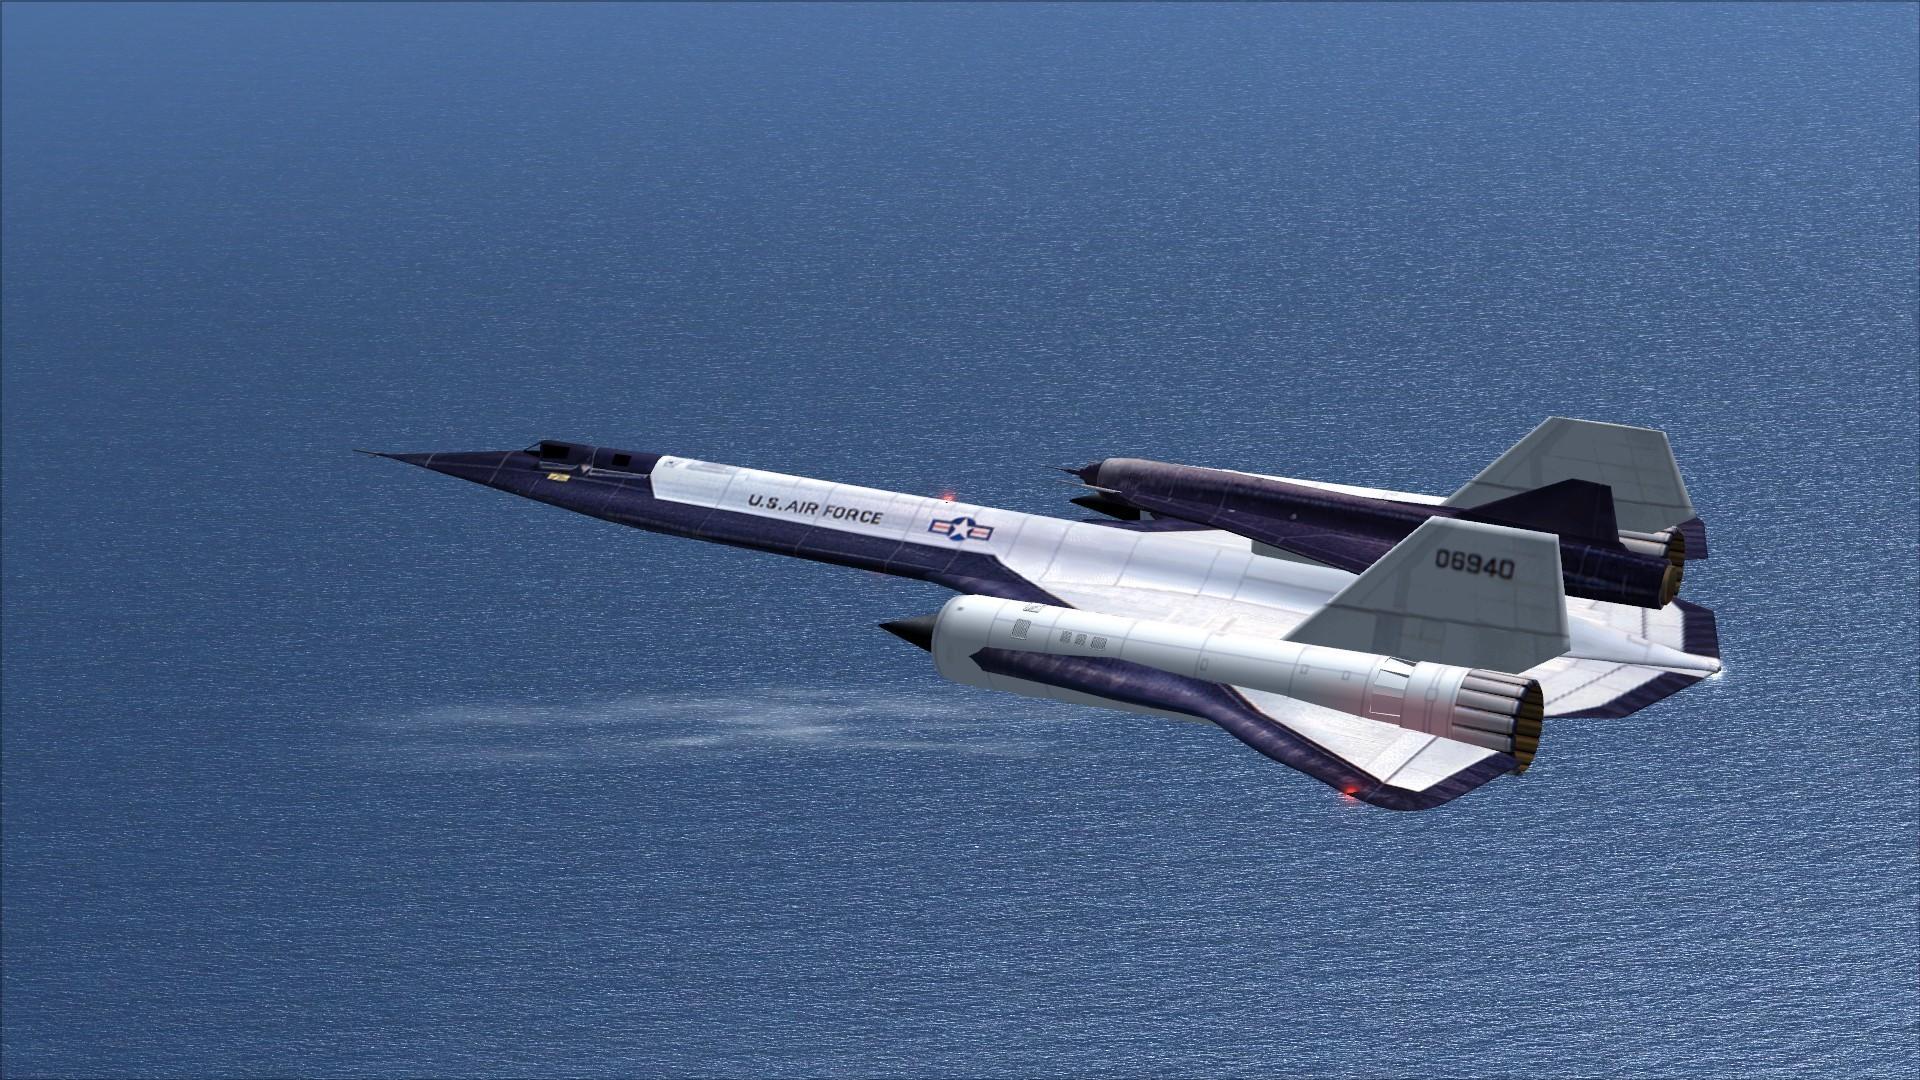 Boeing Airplane Desktop Background Wallpaper